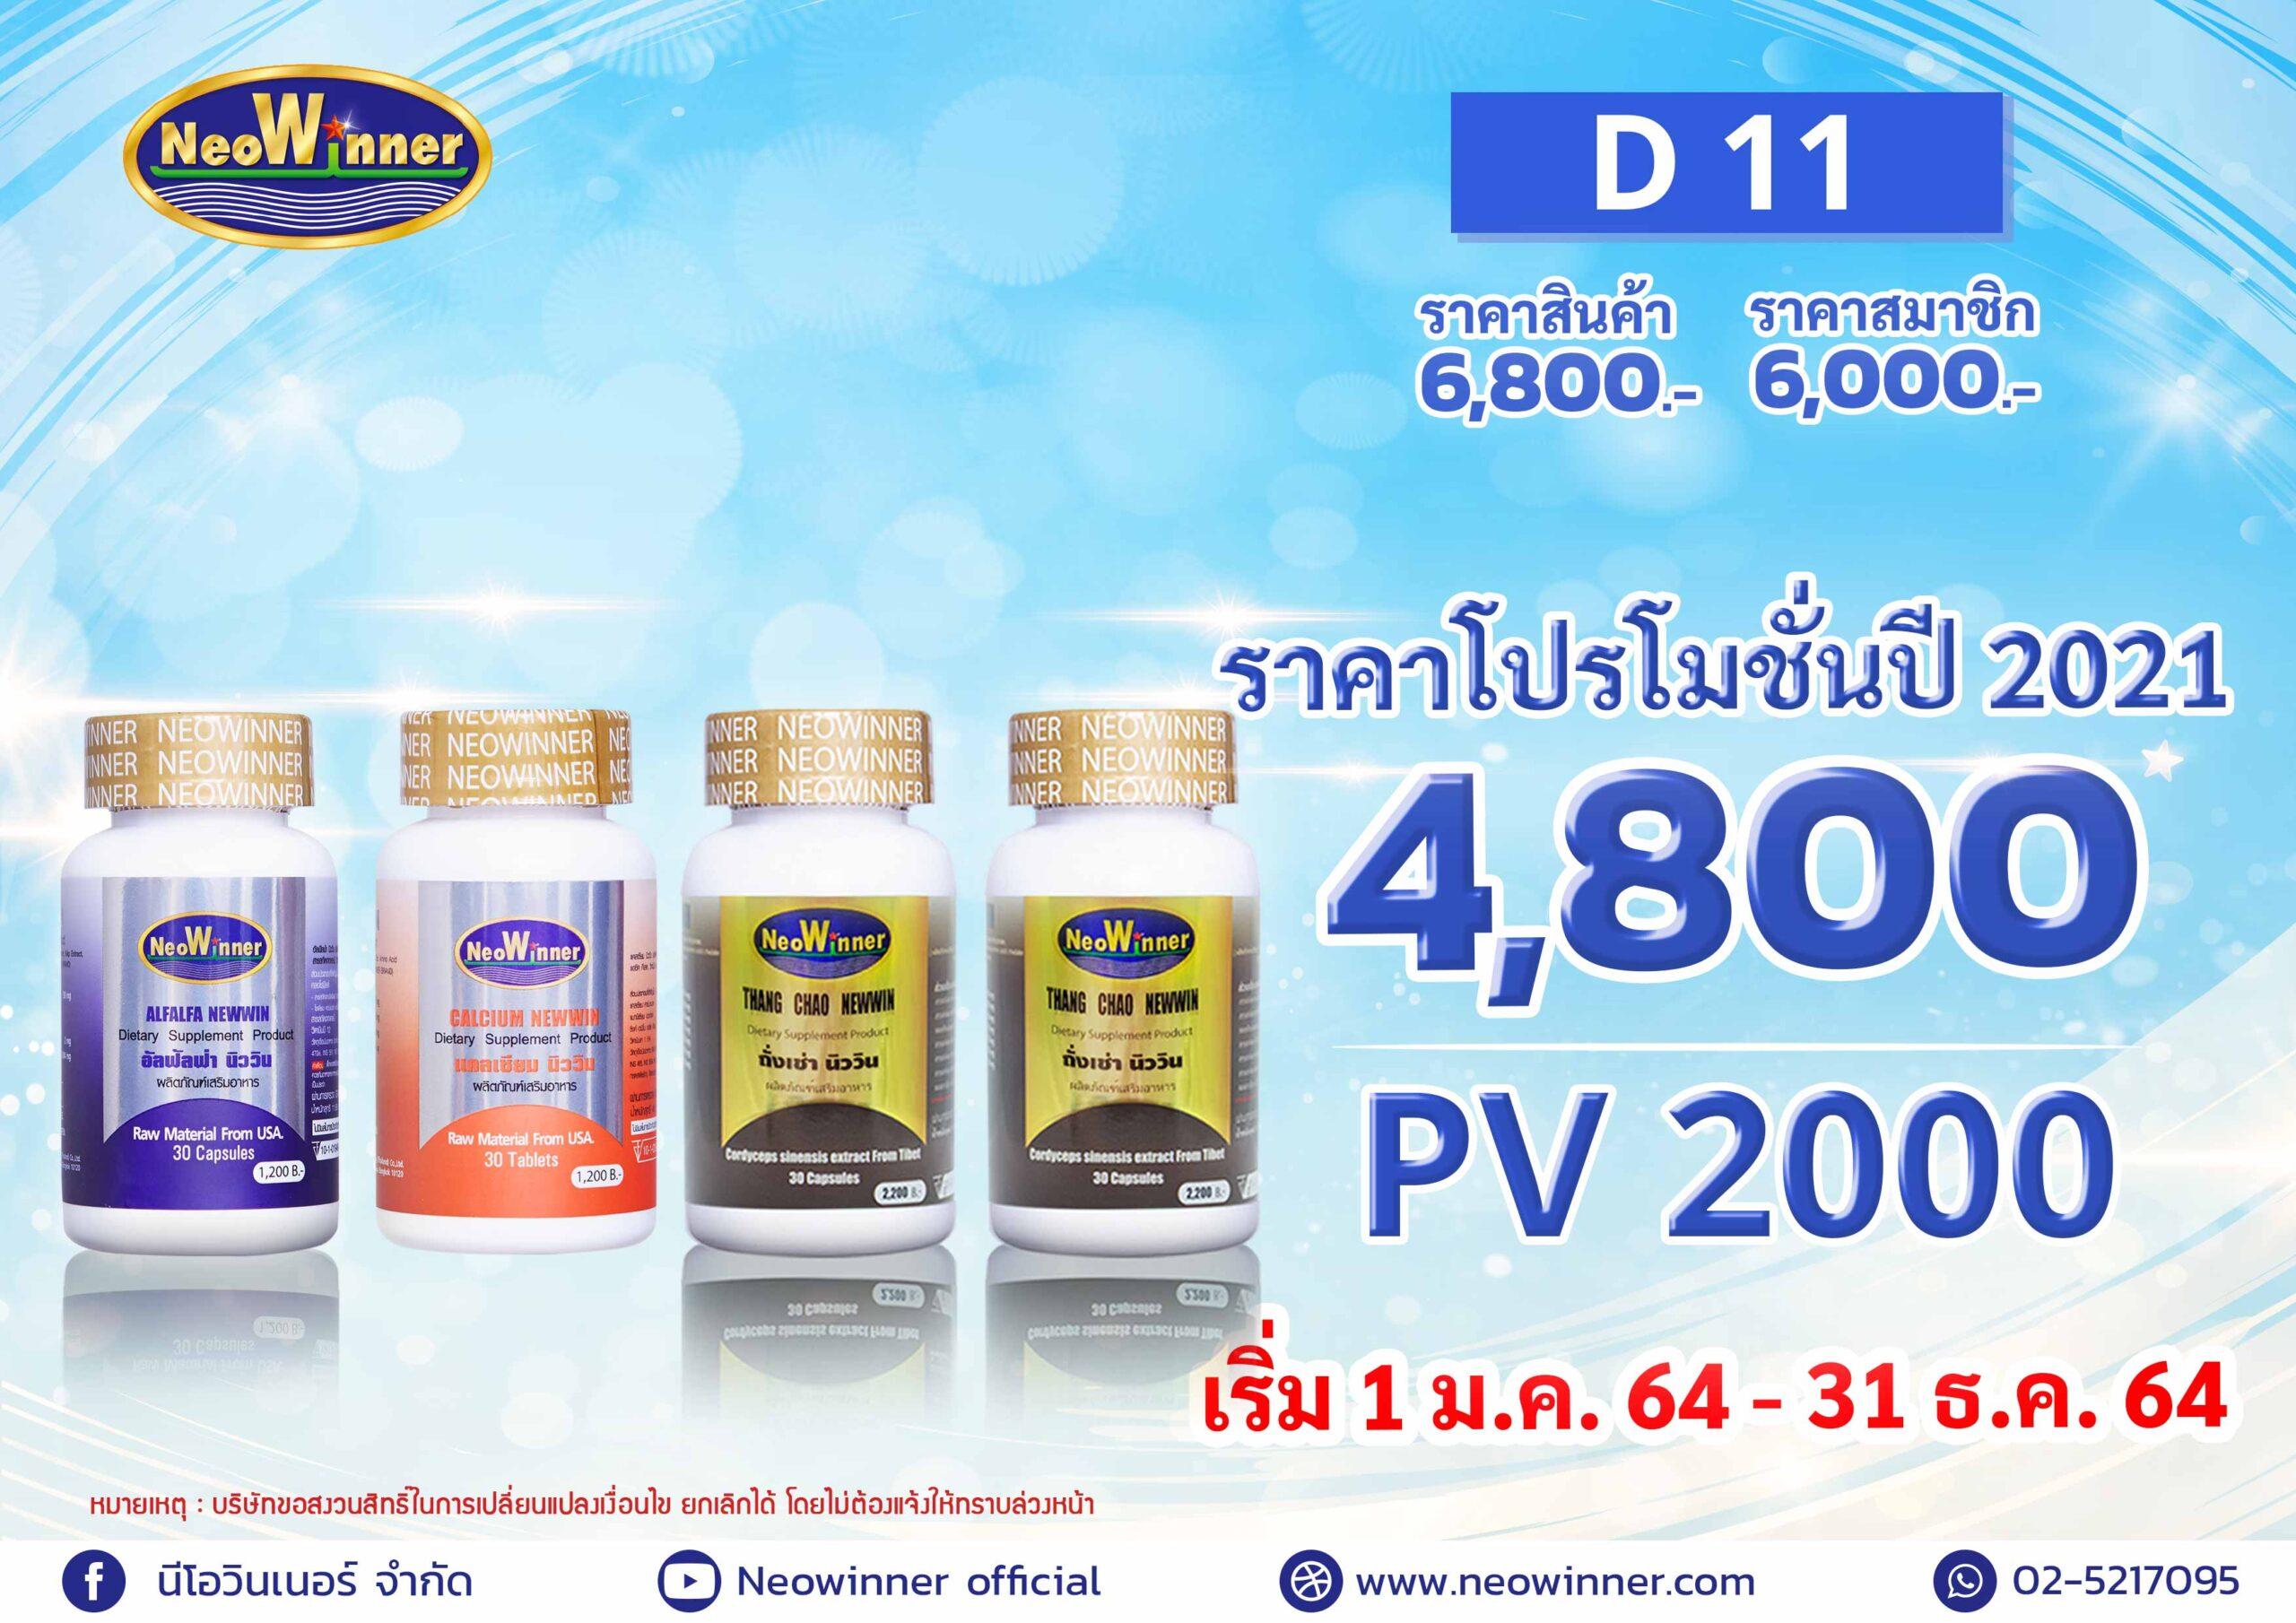 Promotion-D-11-2021